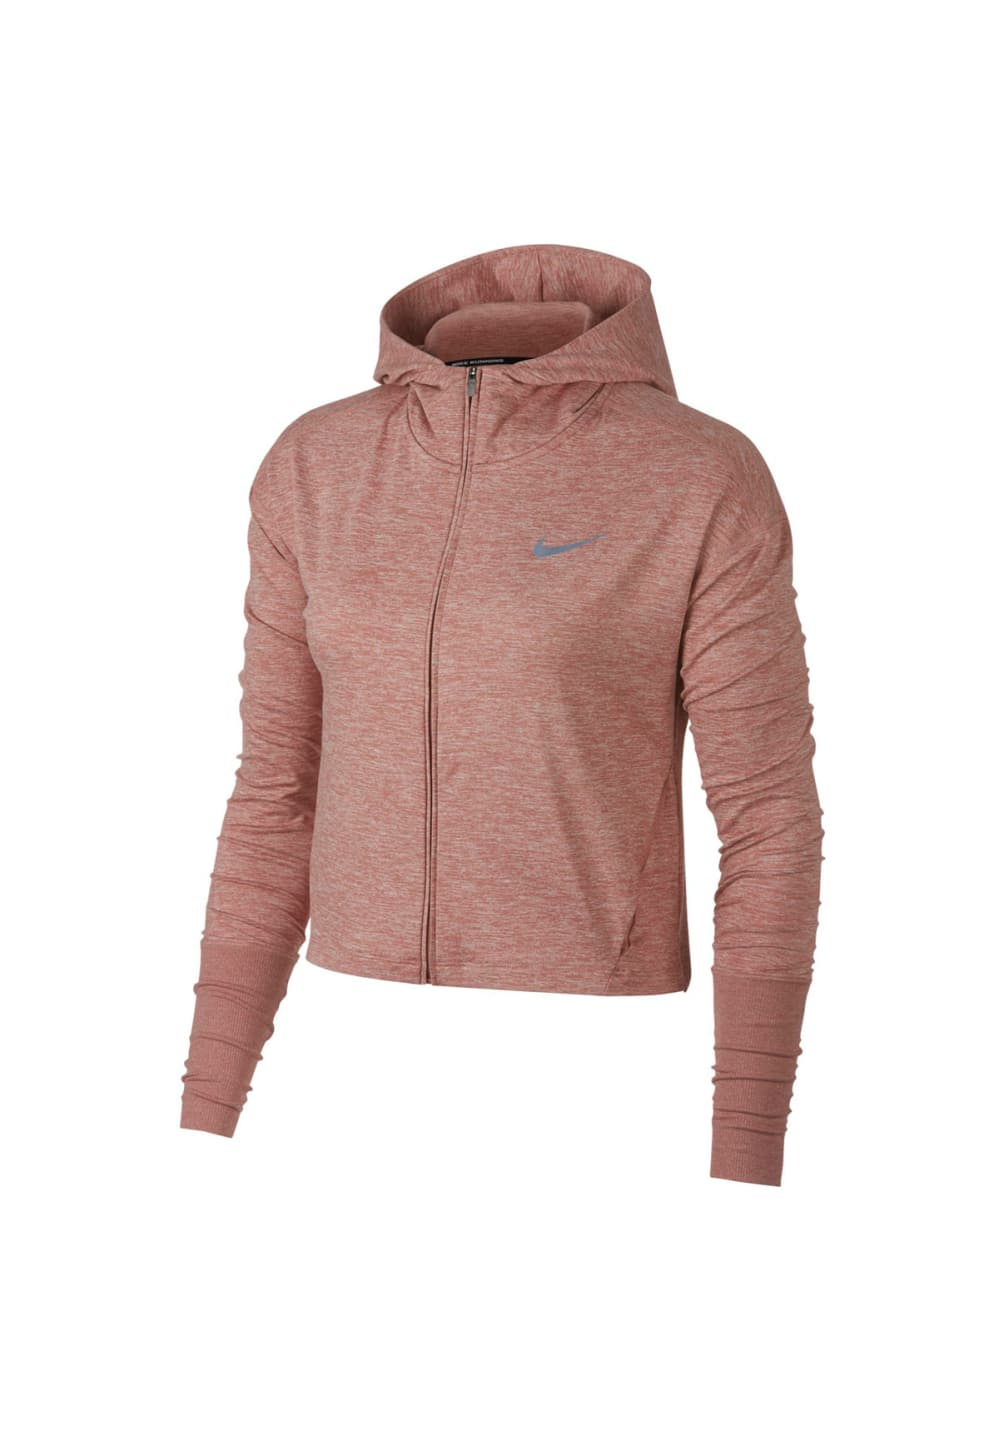 Nike Element Full Zip Hoodie Sweatshirts & Hoodies für Damen Pink